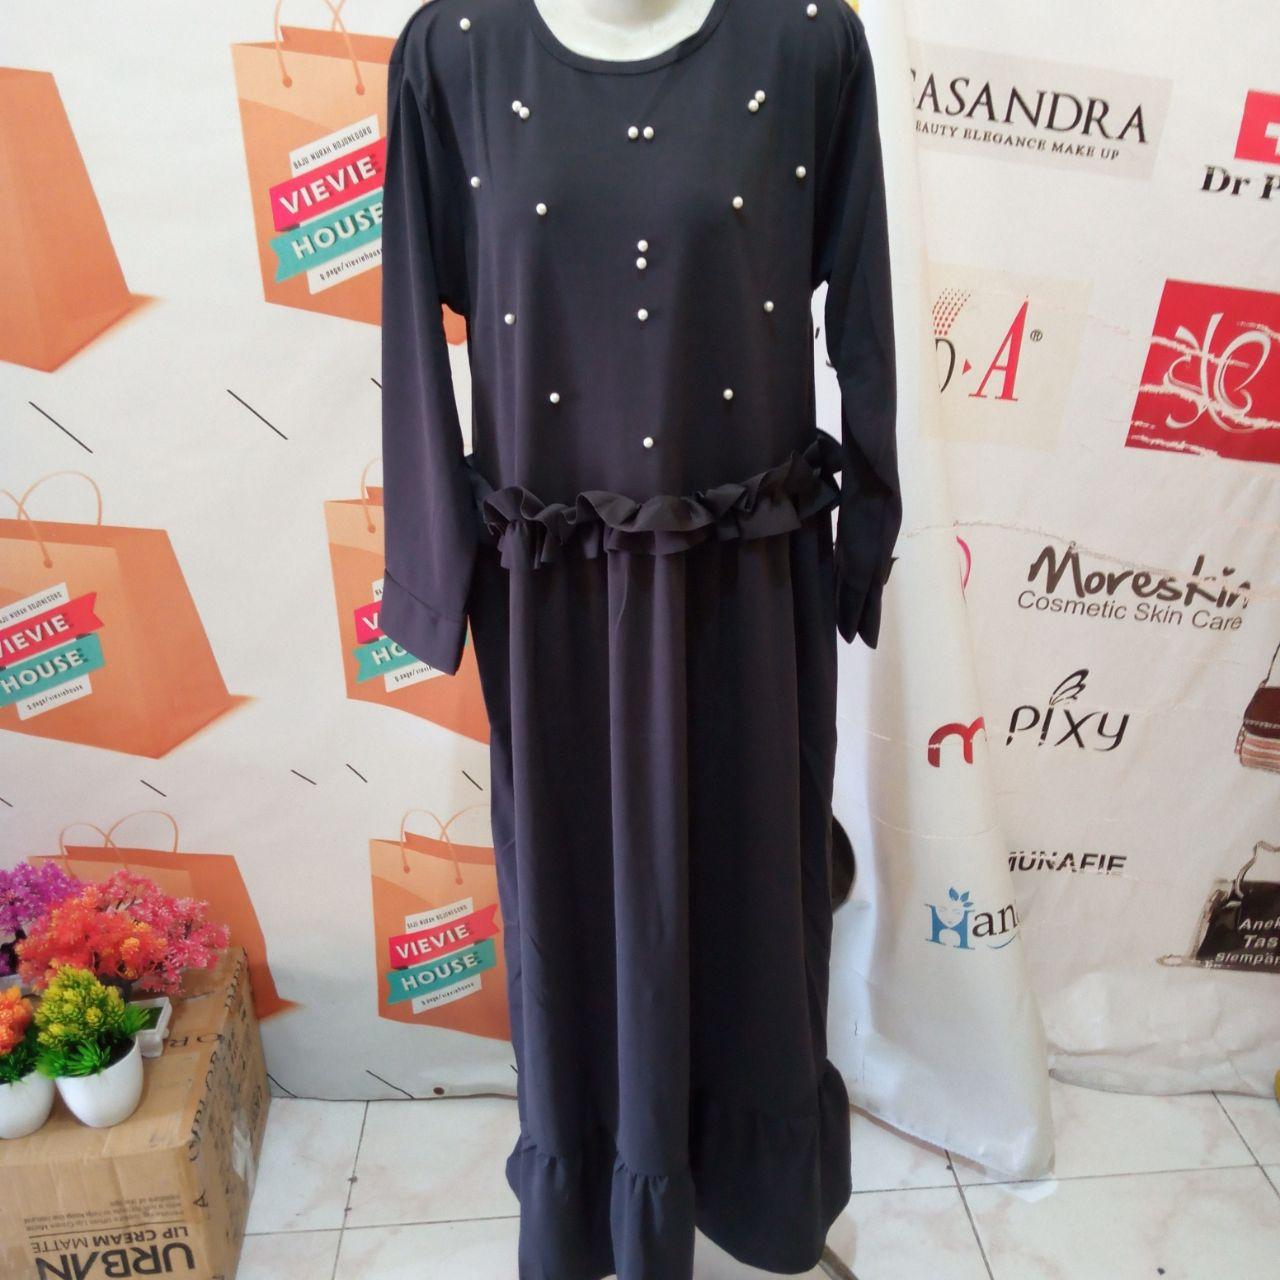 ini adalah Gamis Rempel Tiara Abu, size: 104 cm x 135 cm, material: Jersey, color: dark grey, brand: Gamisindonesia, age_group: all ages, gender: female